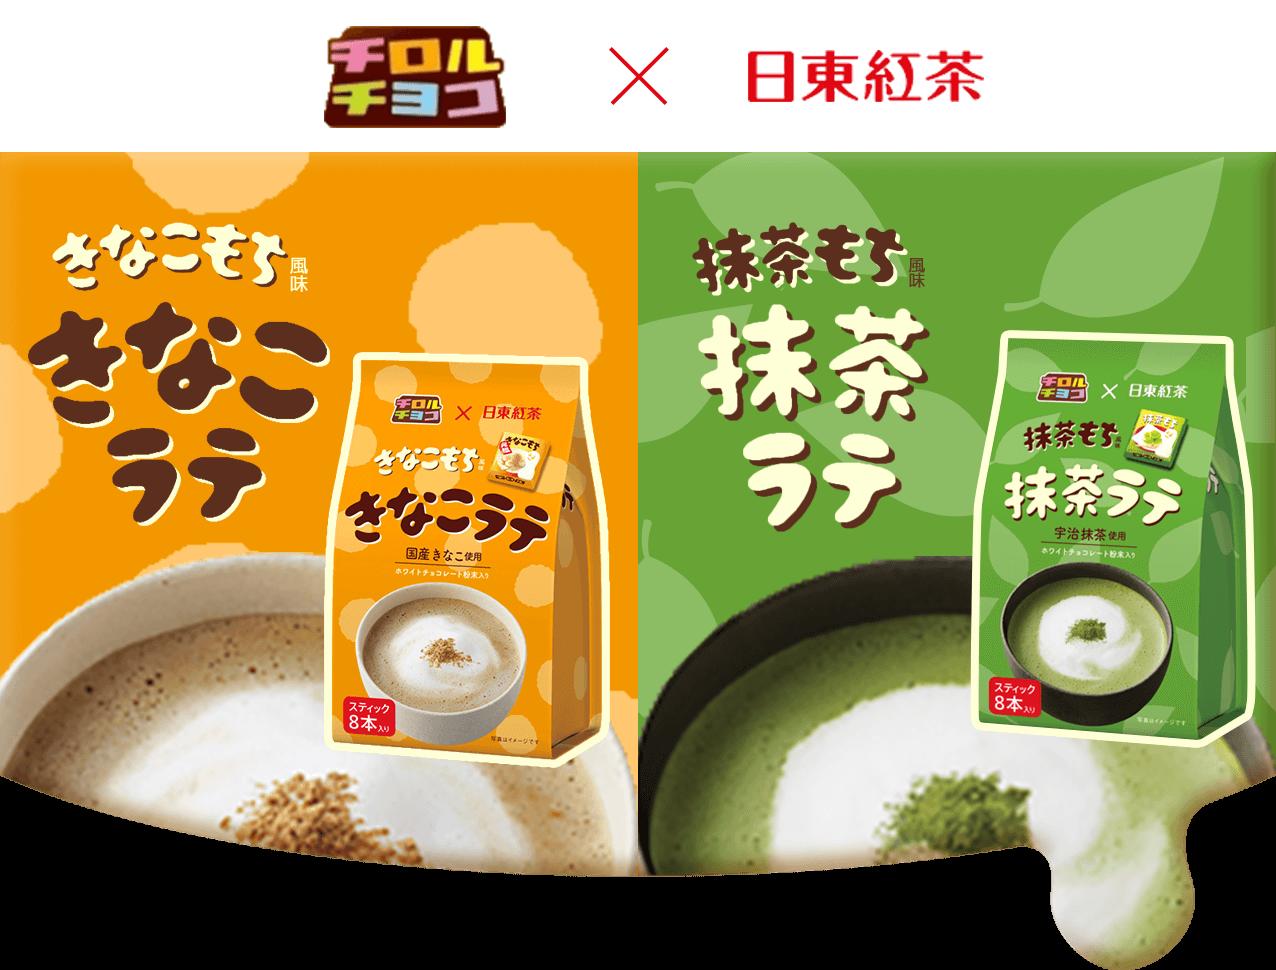 チロルチョコ×日東紅茶 きなこもち風味きなこラテ 抹茶もち風味抹茶ラテ